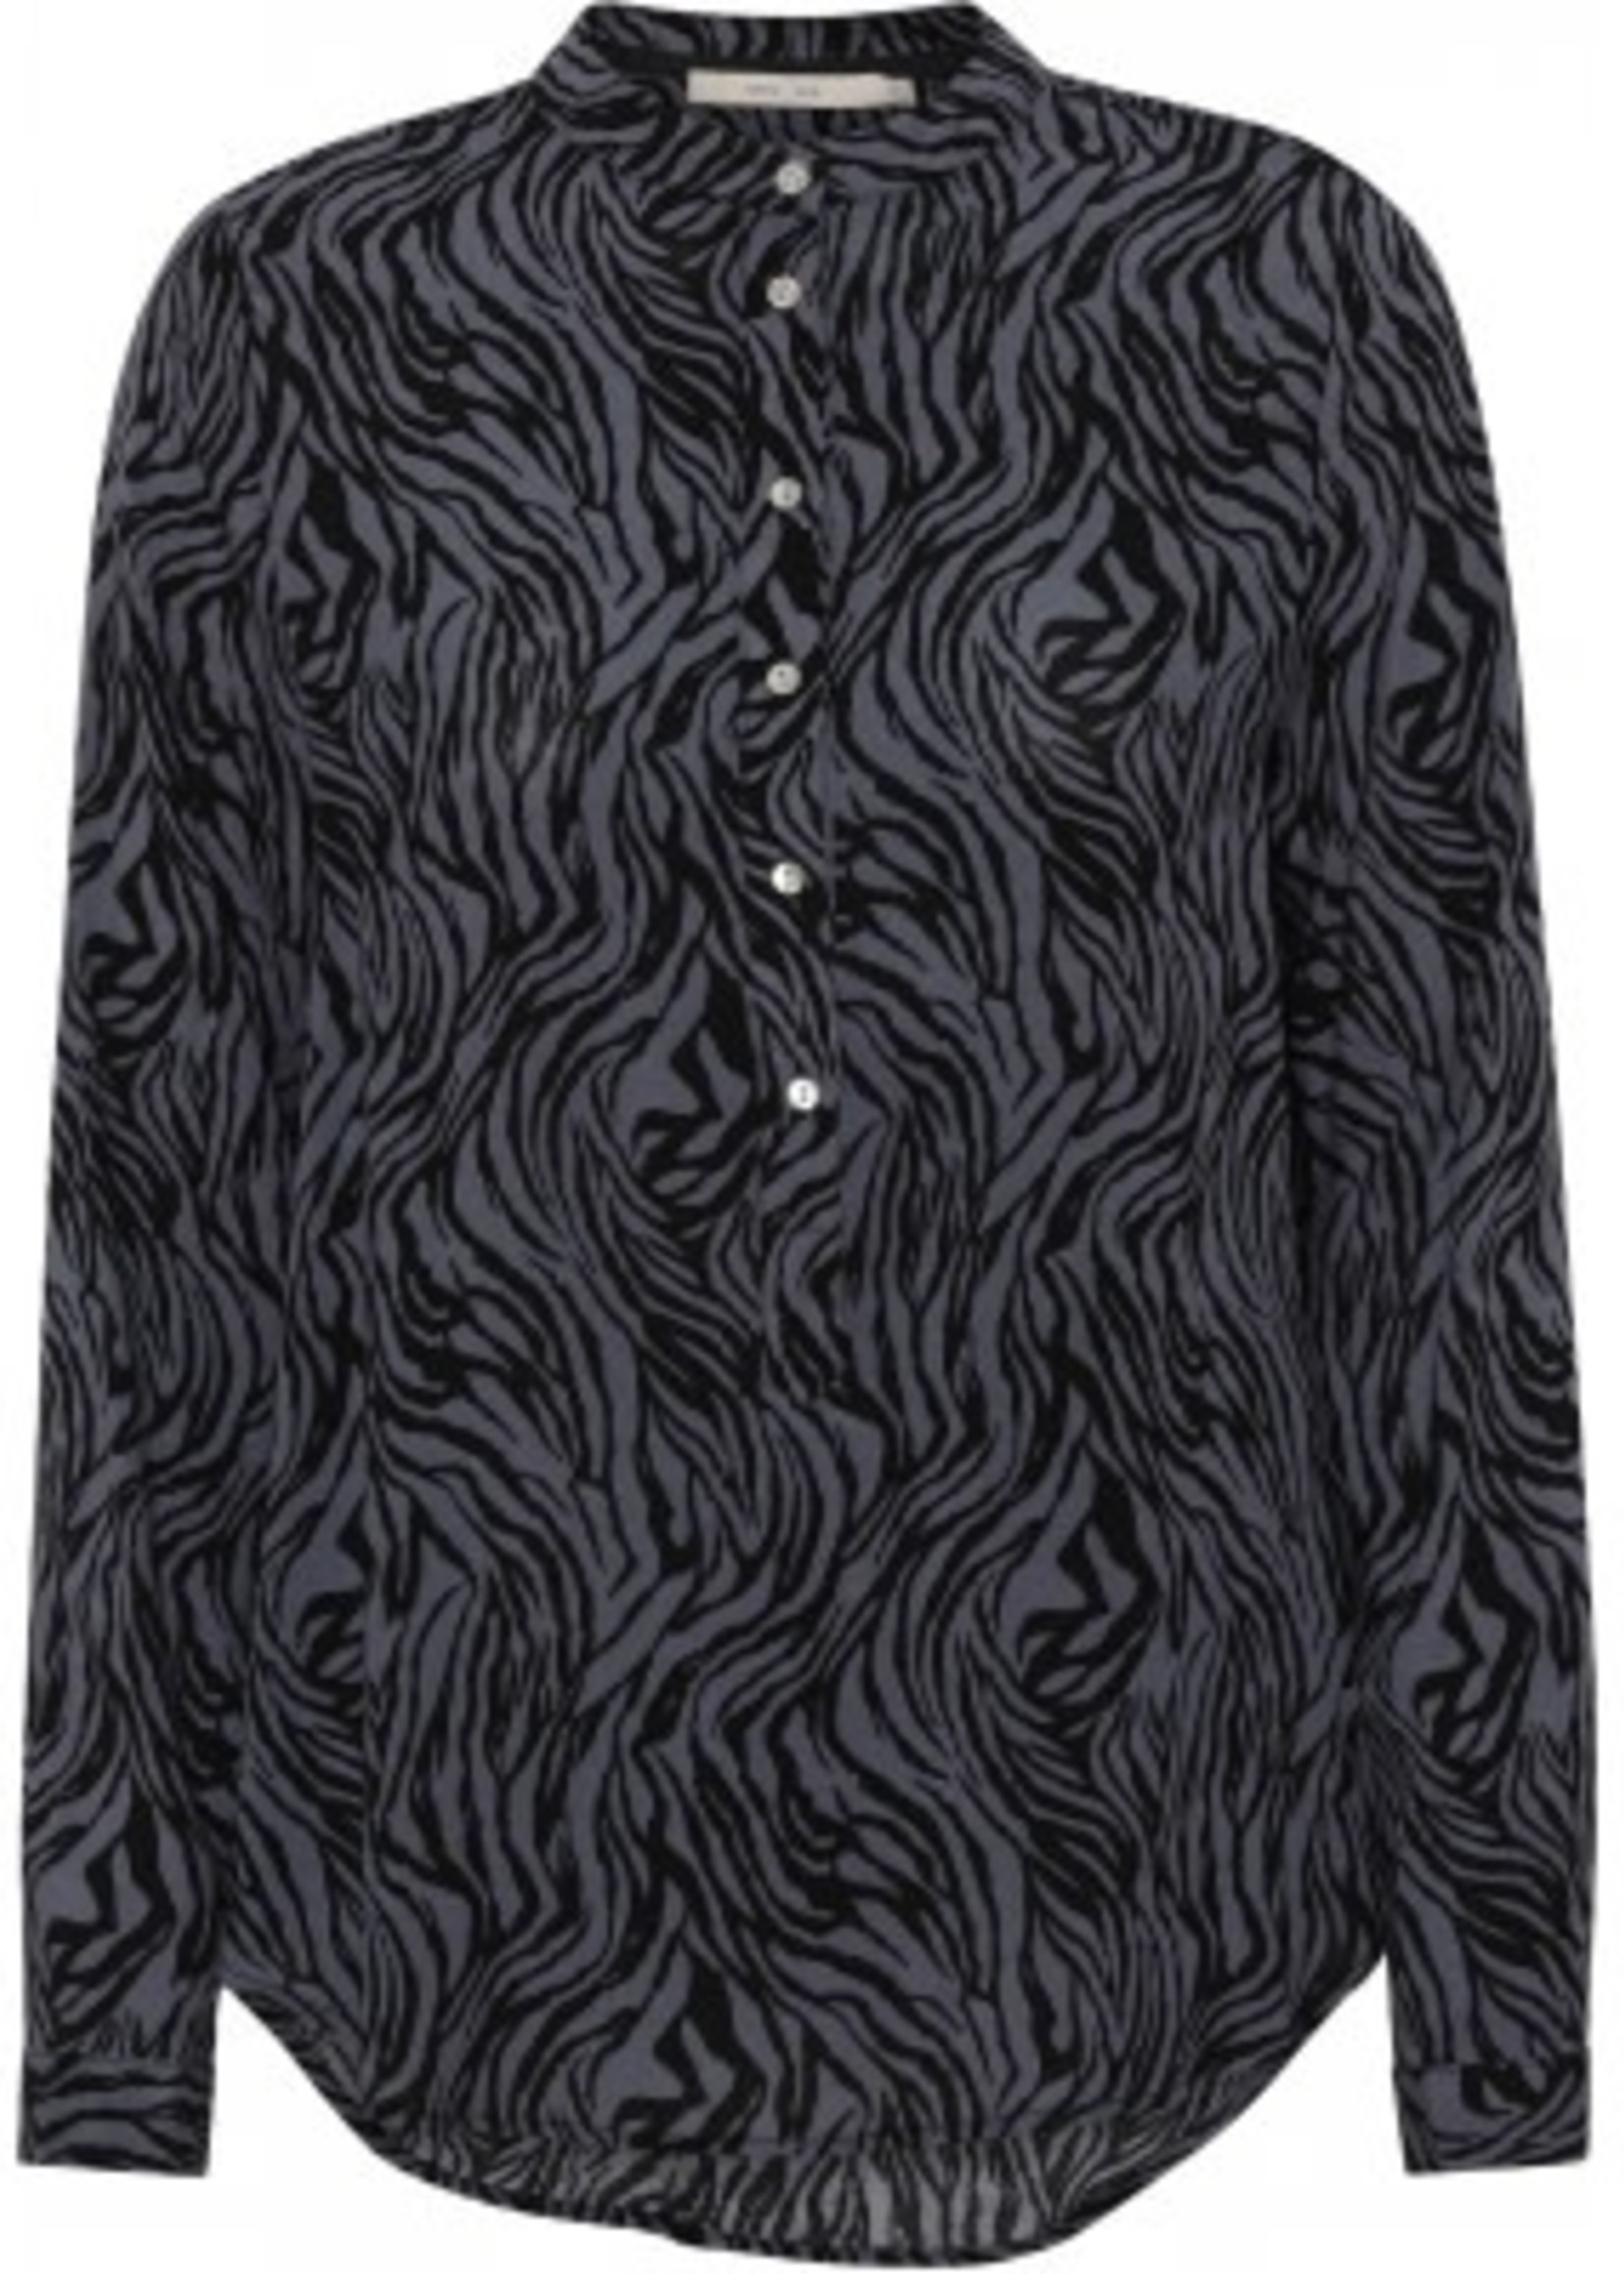 COSTAMANI blouse Lexis grey zebra laatste maat s